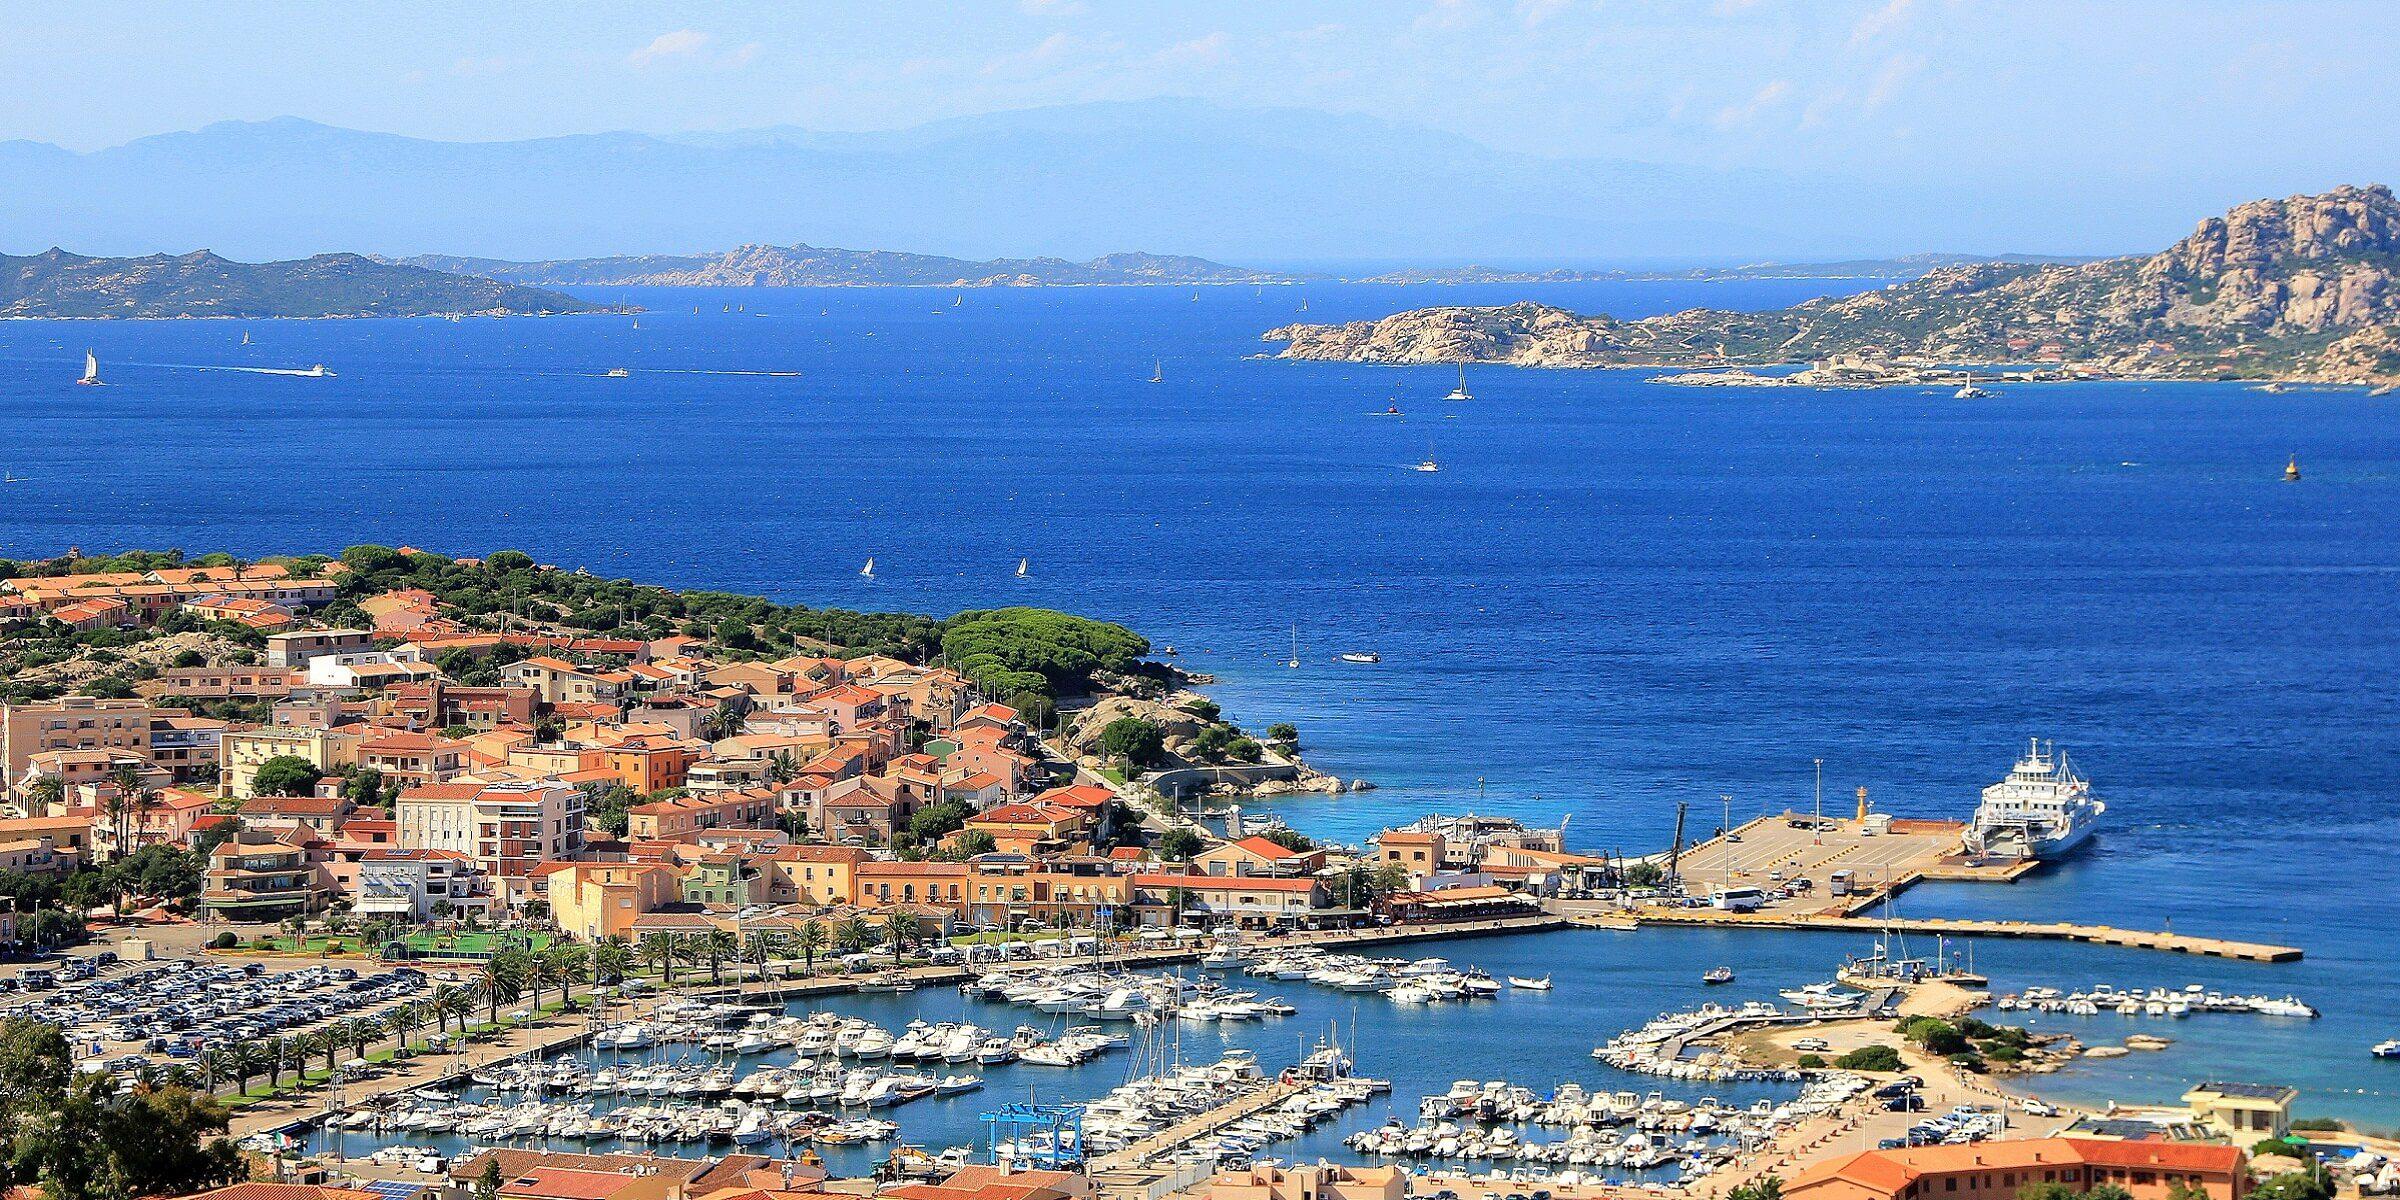 Der Hafen von Palau auf Sardinien